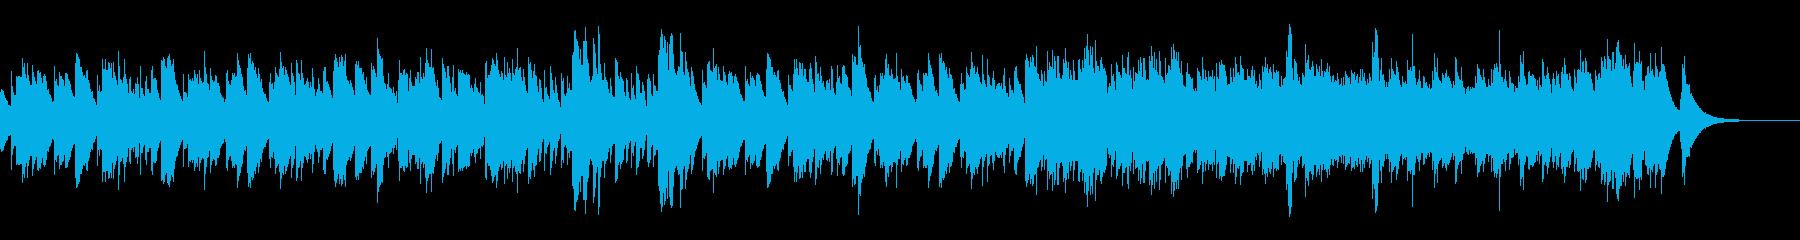 和風でホラーチックな祭りのBGMの再生済みの波形